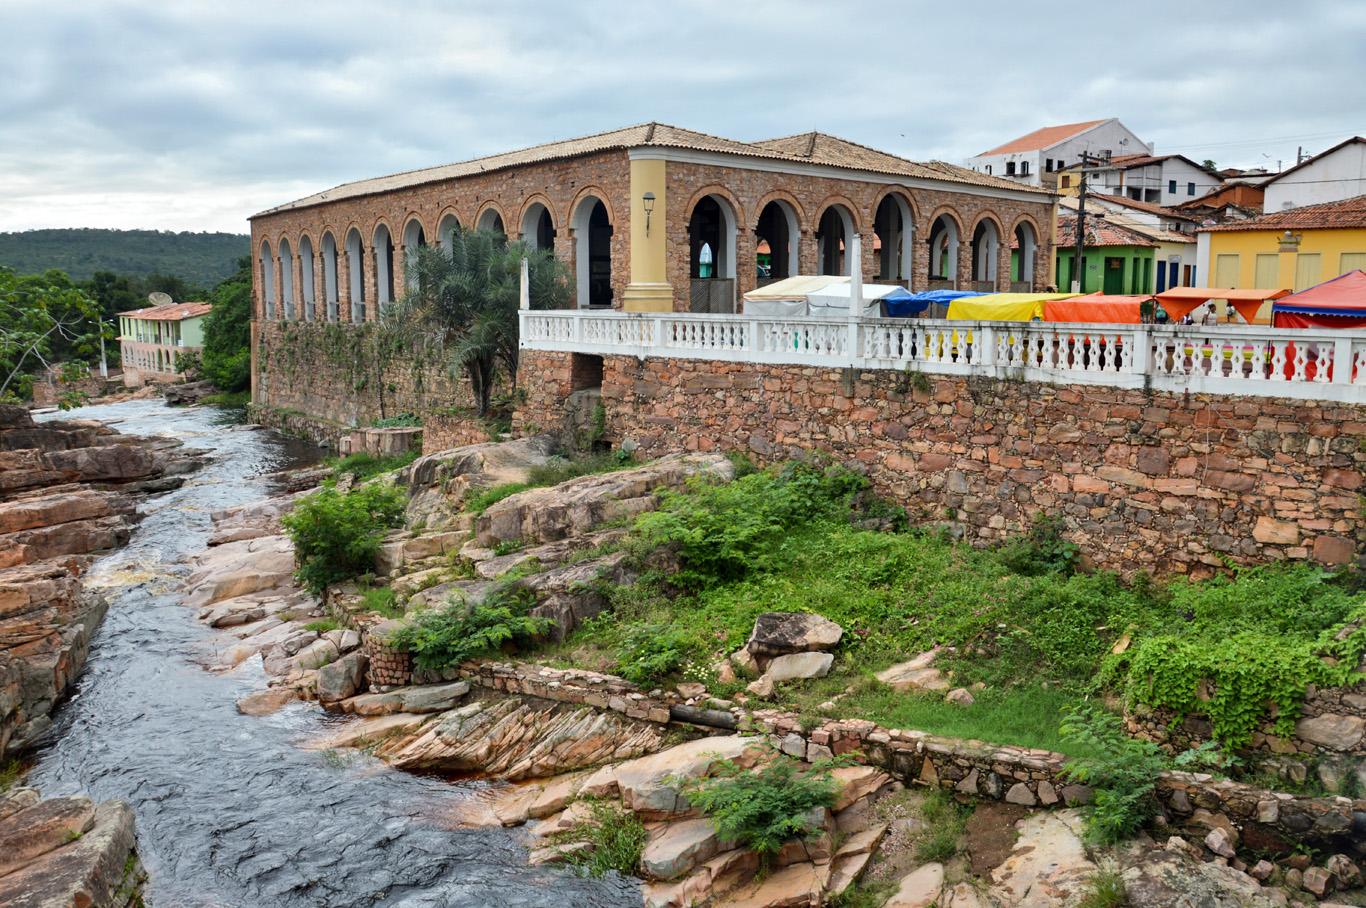 River flowing through Lençóis